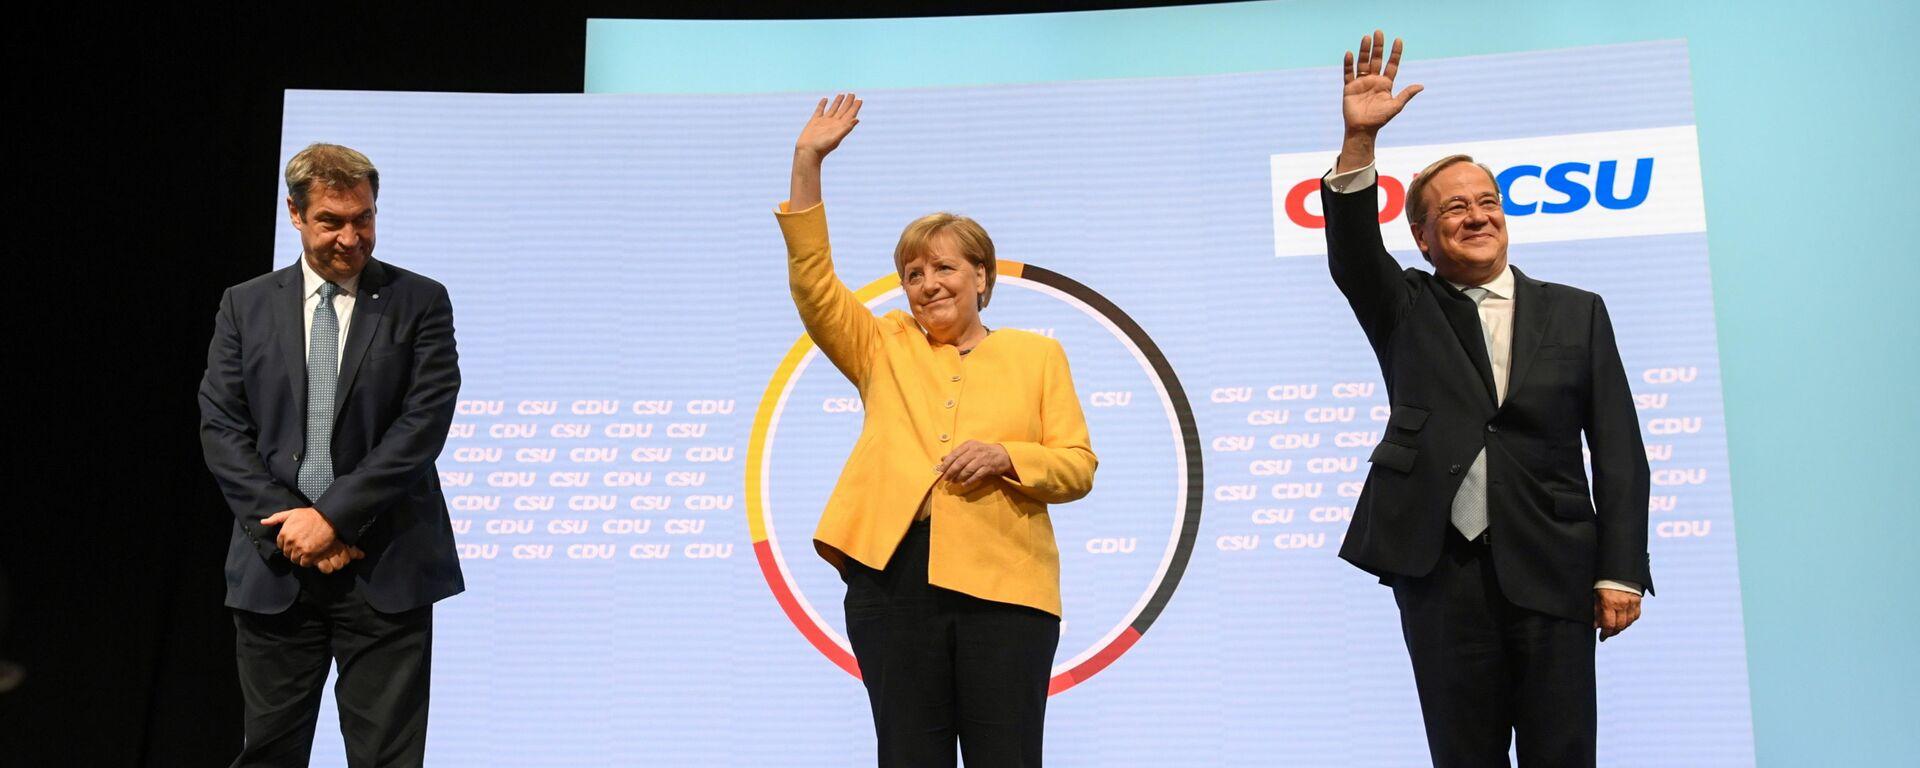 Глава партии ХСС Маркус Зёдер, канцлер Германии Ангела Меркель, и кандидат на место канцлера от партии ХДС / ХСС Армин Лашет выступают вместе в Берлине, Германия - Sputnik Mundo, 1920, 17.09.2021